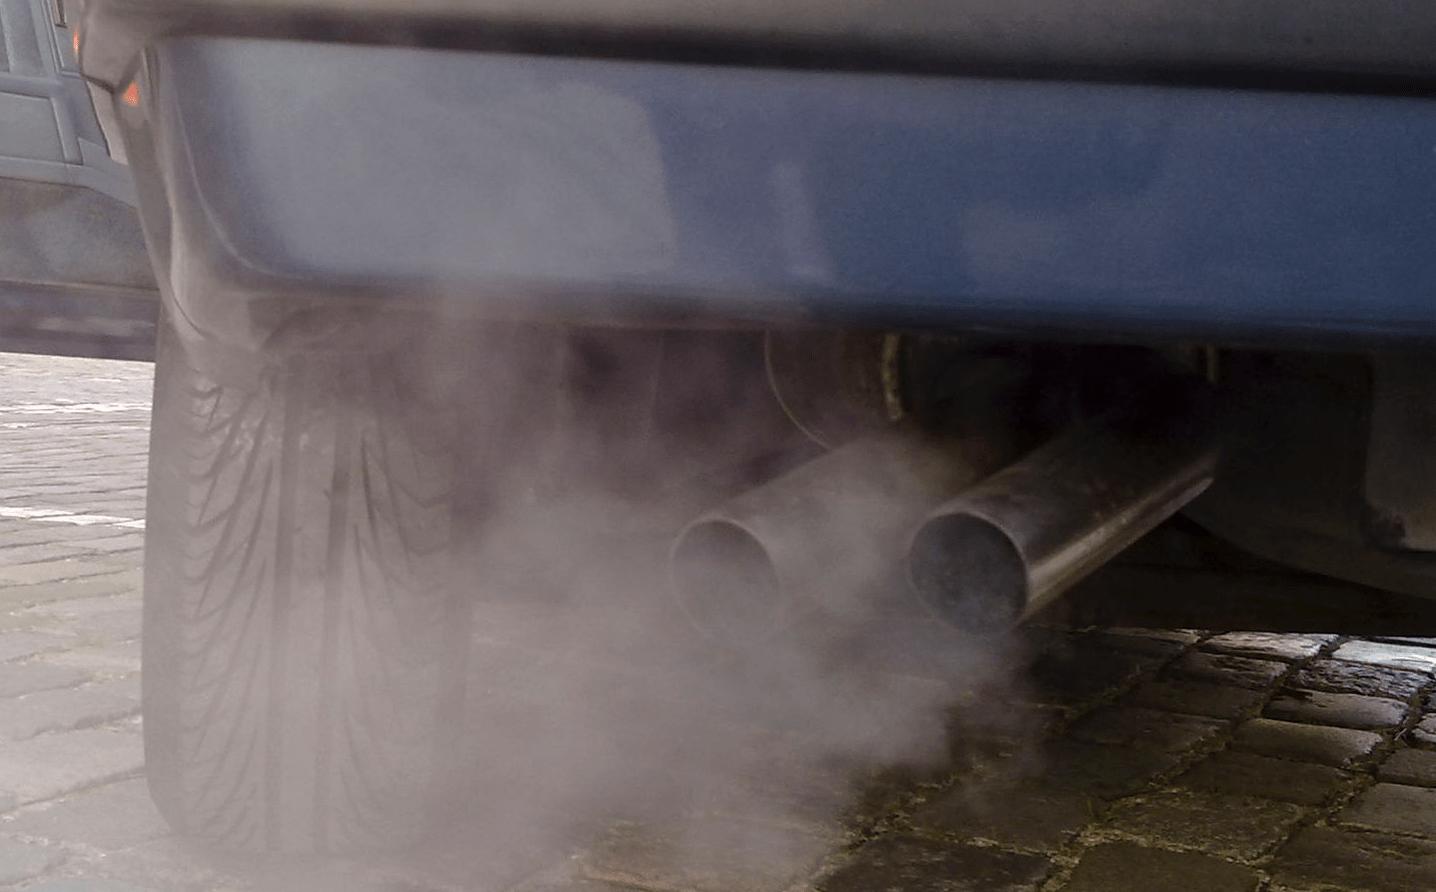 Vervuilende uitlaatgassen van een auto.